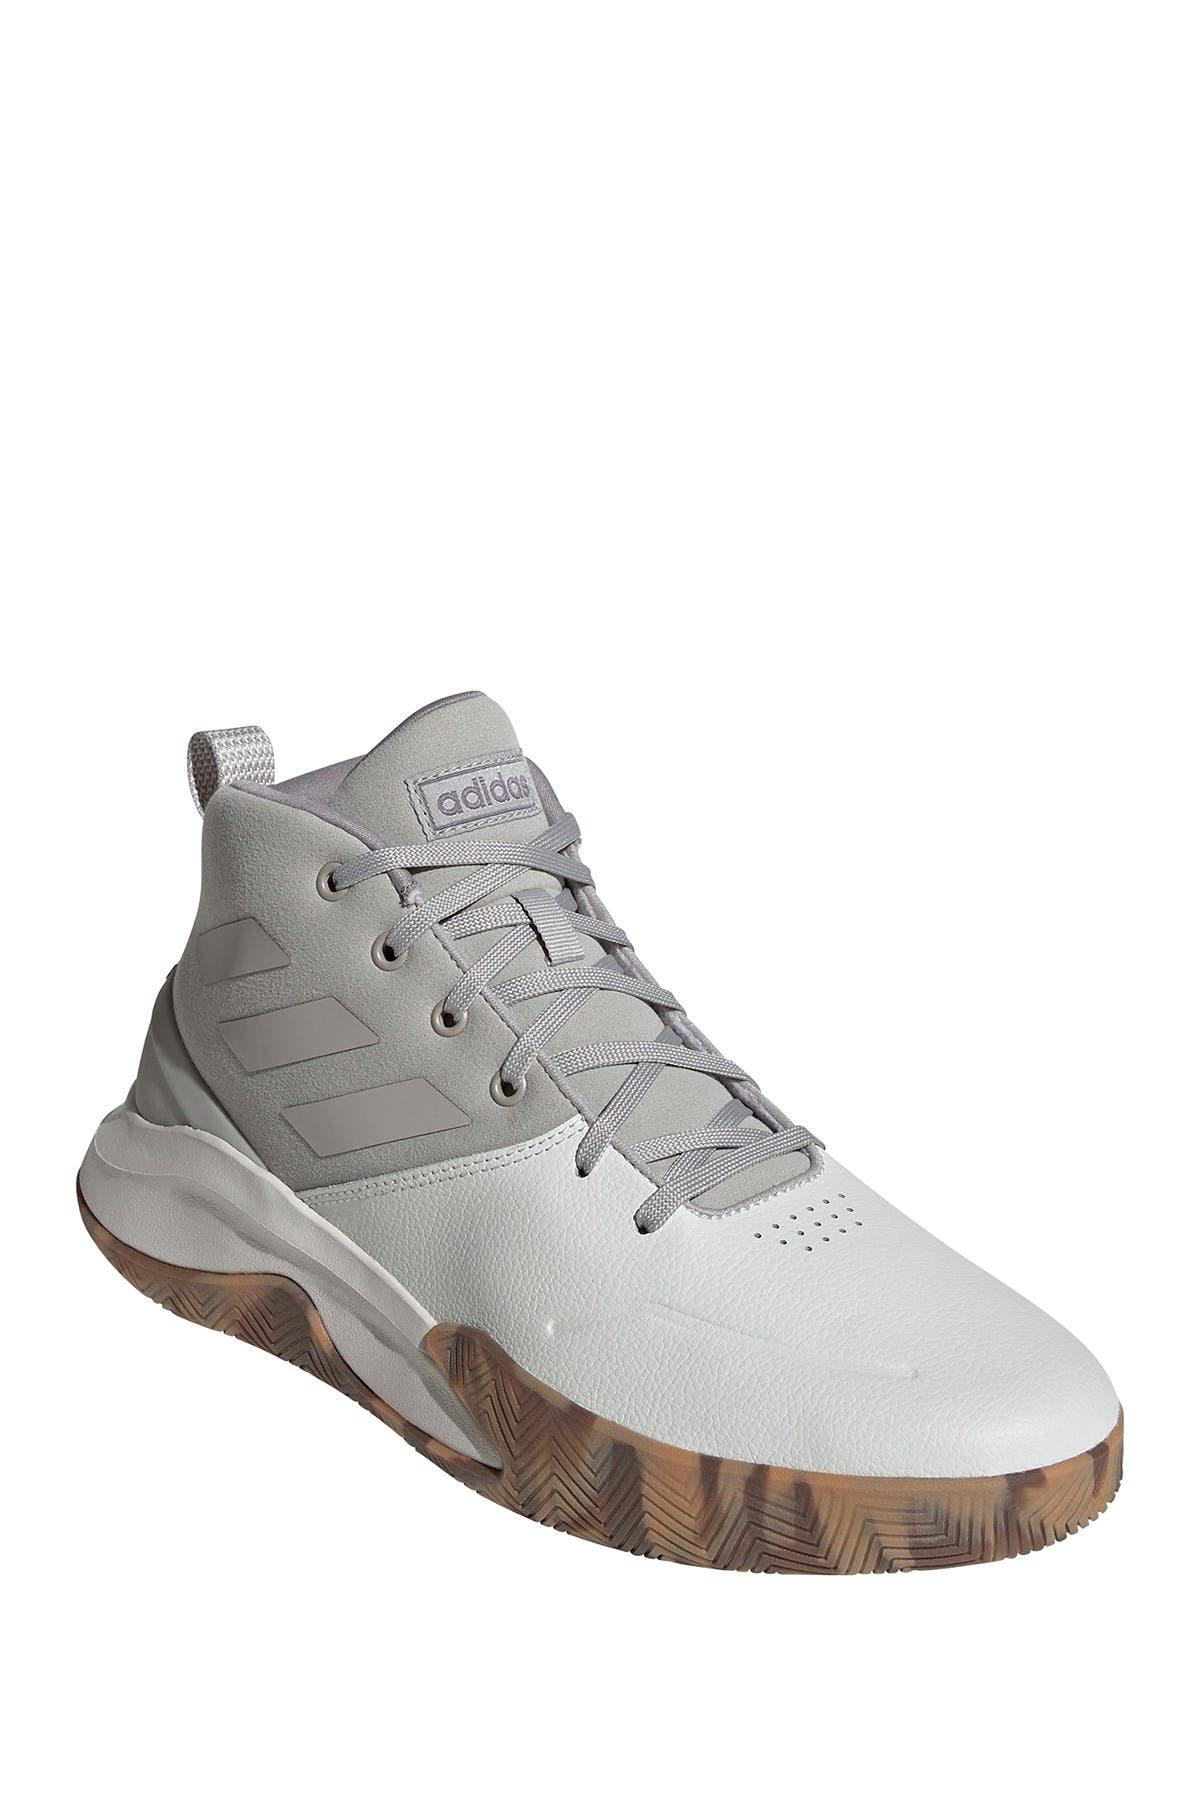 Oxidado Solicitud censura  adidas | Own The Game Basketball Sneaker | Nordstrom Rack